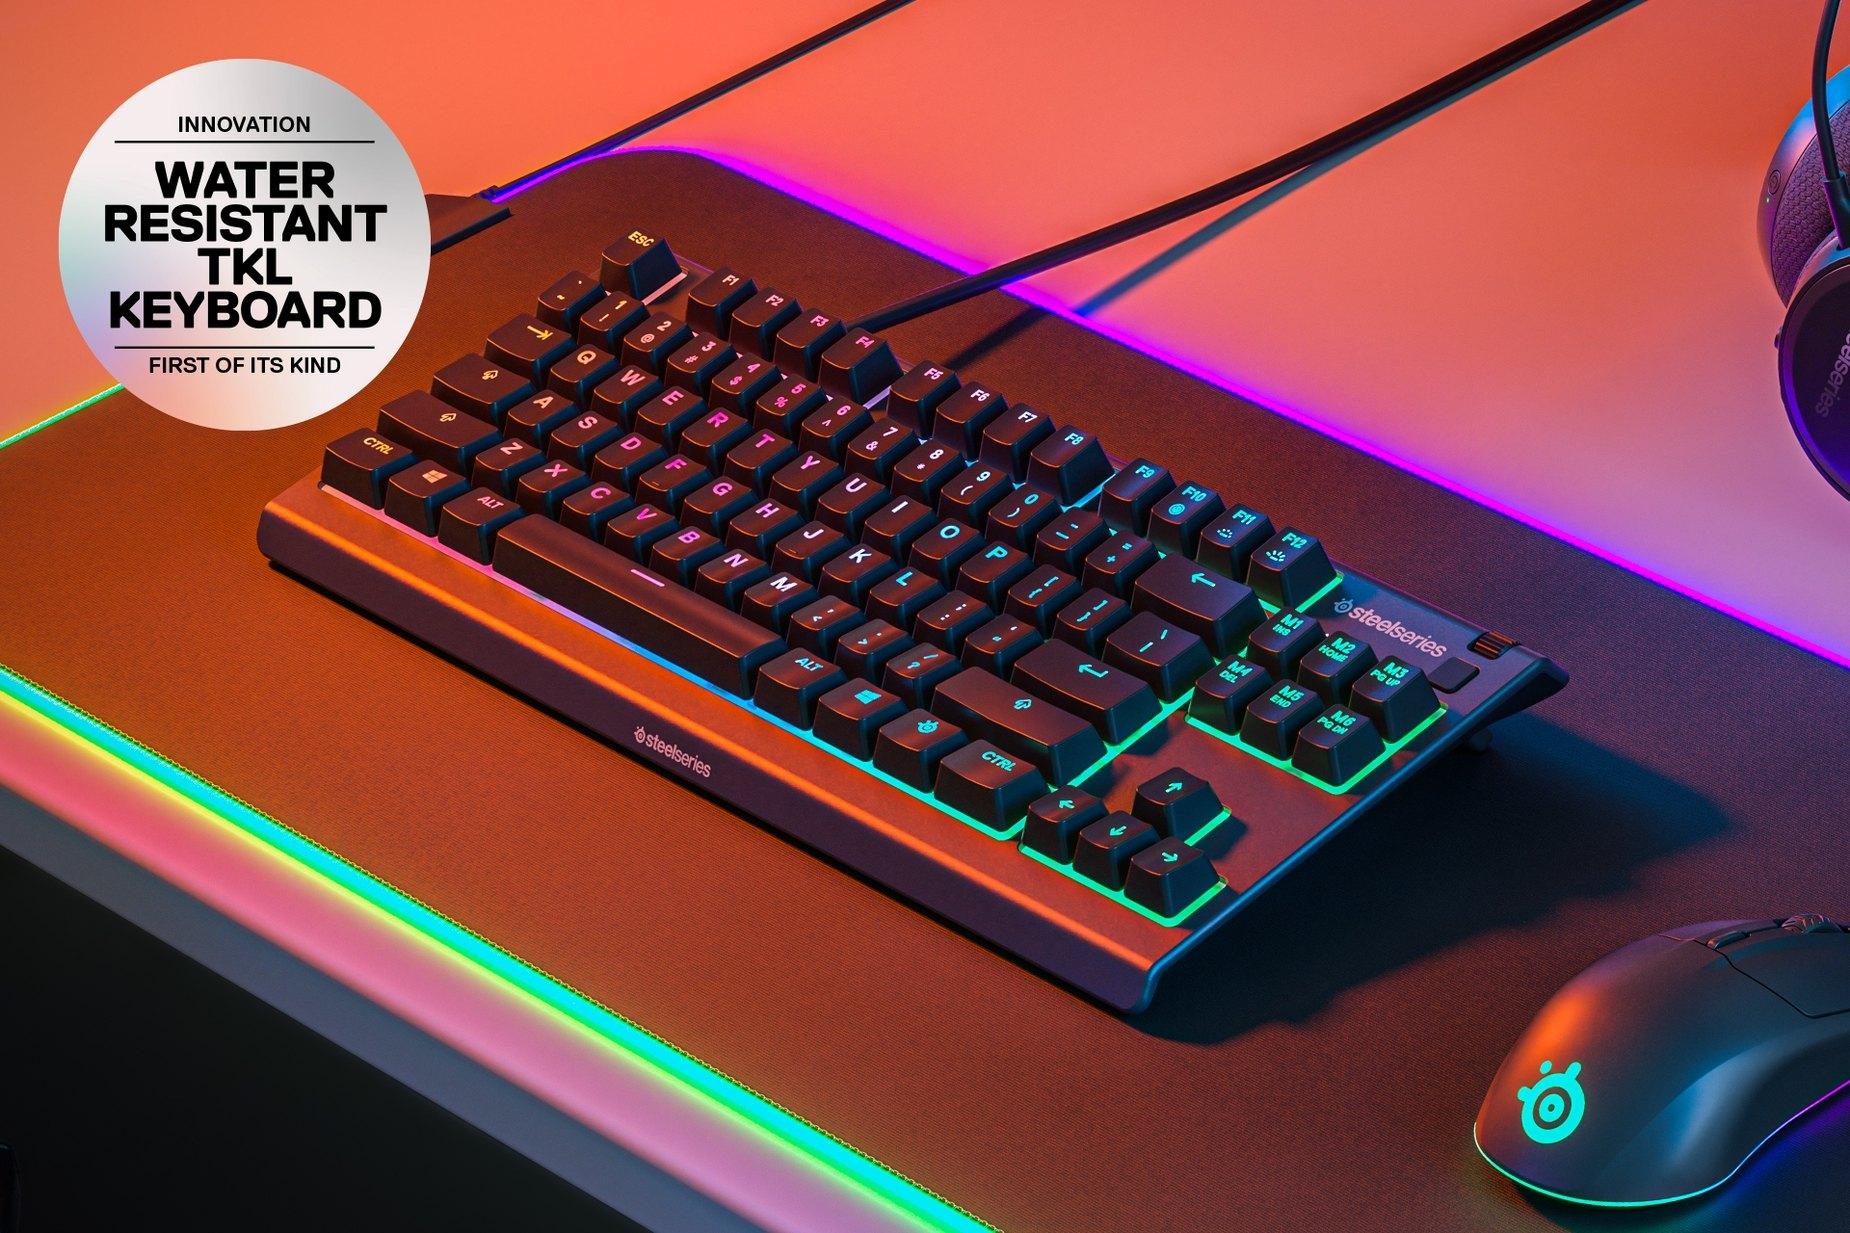 """""""Apex 3TKL""""-Tastatur von SteelSeries mit RGB-Beleuchtung auf einem Mauspad. In einem runden Textfeld steht: """"Innovation: Wasserfeste TKL-Tastatur: Die Erste ihrer Art."""""""